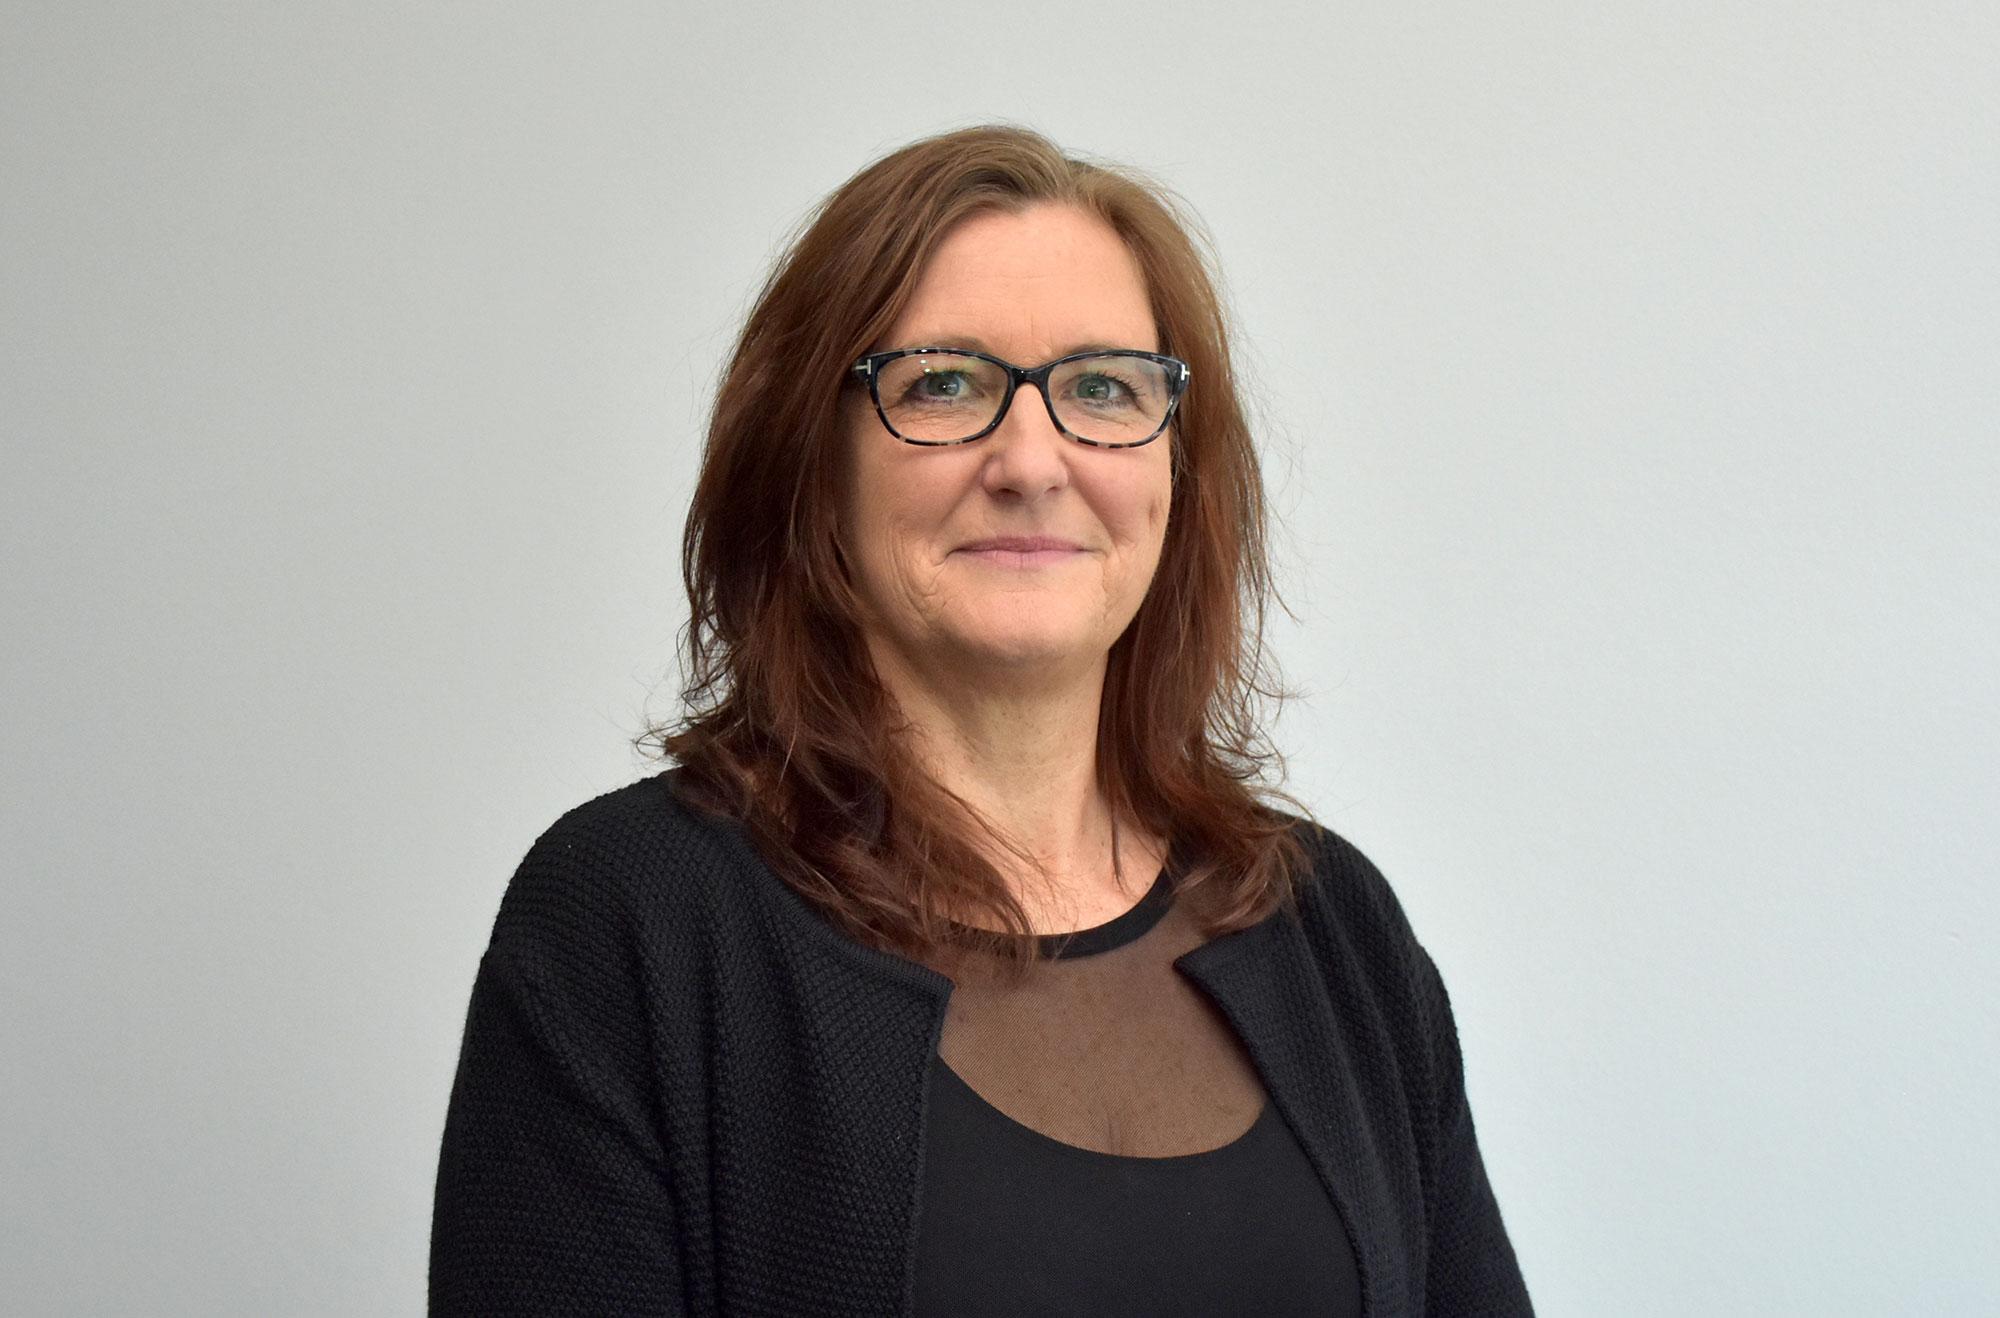 Linette Grøn Thygesen